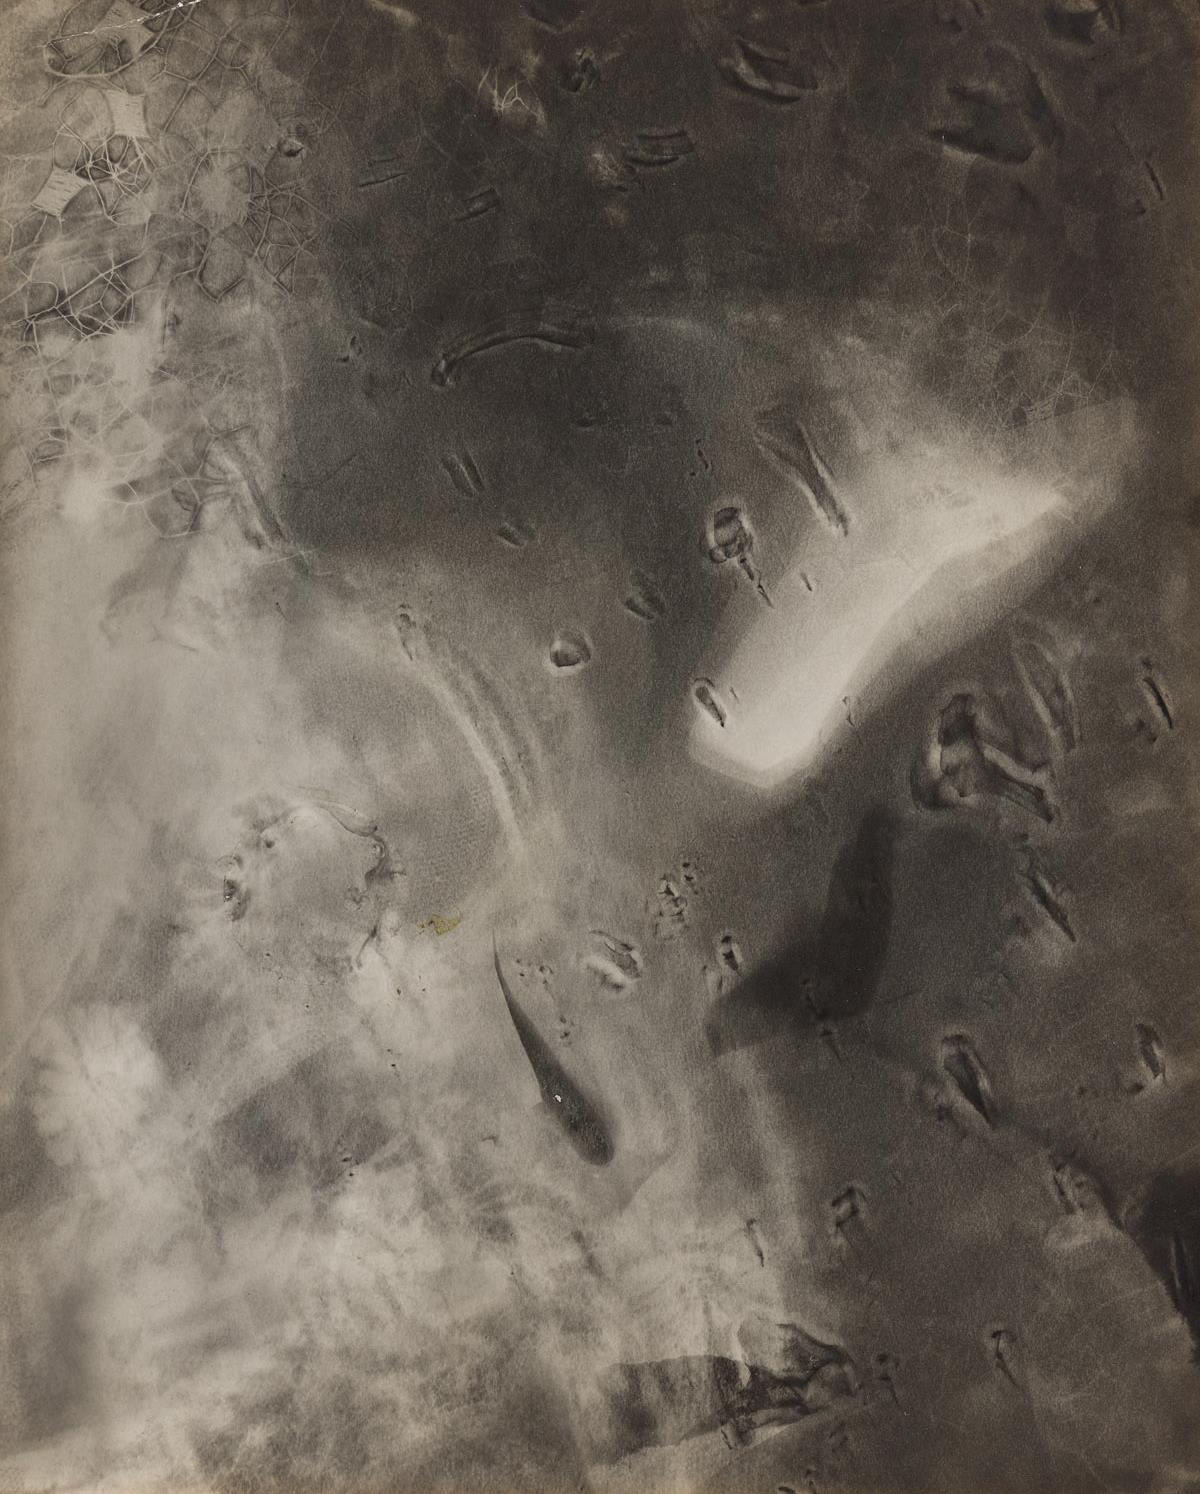 THEODORE ROSZAK (1907-1981) Untitled photogram.